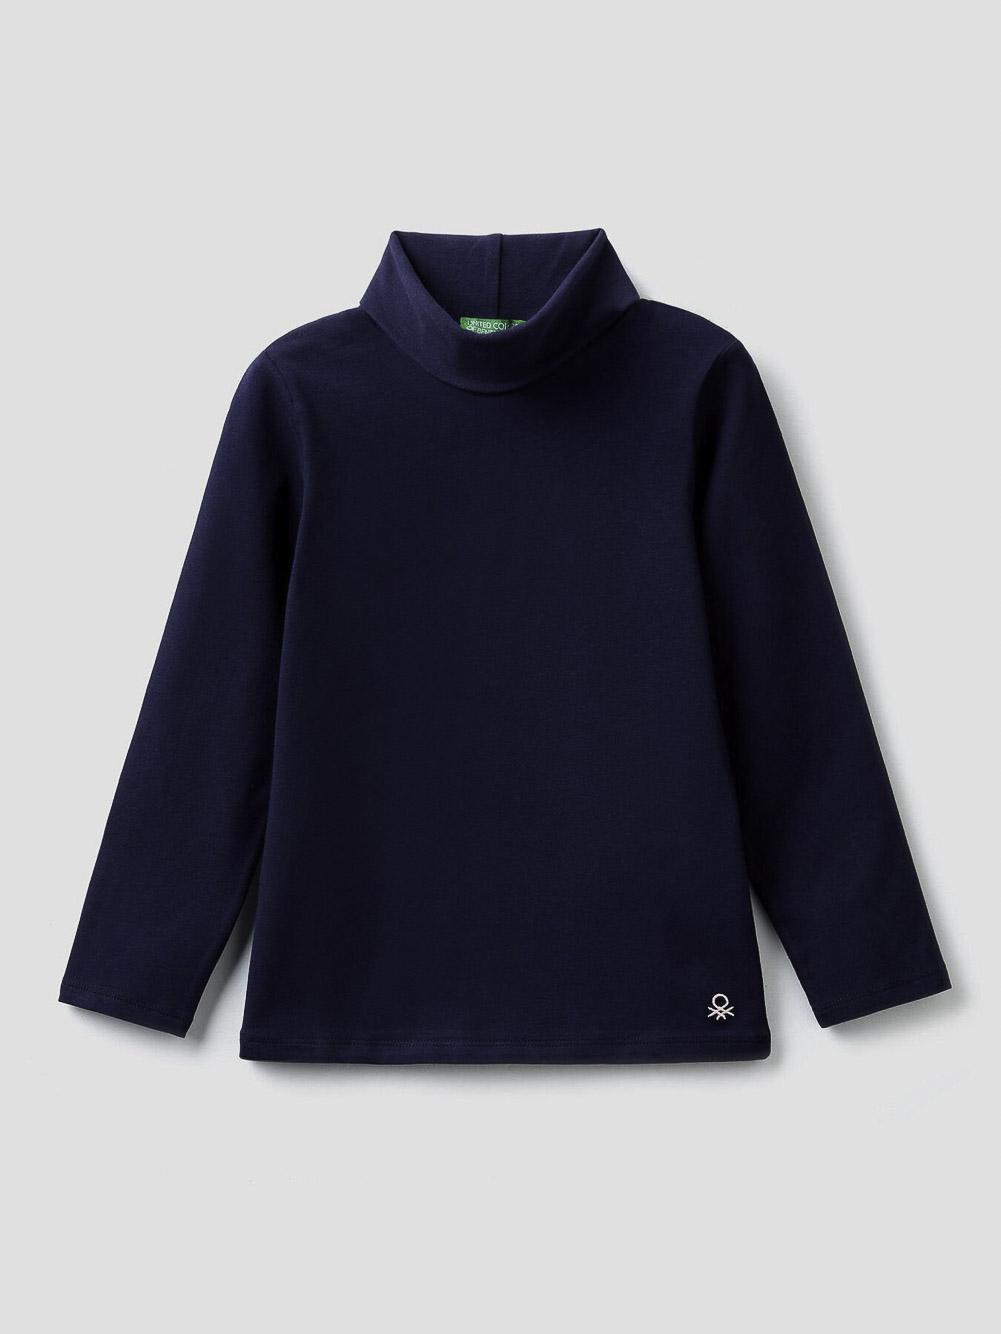 012 BENETTON T-shirt με γιακά ζιβάγκο 3P4ZC2193-20A252 20A252